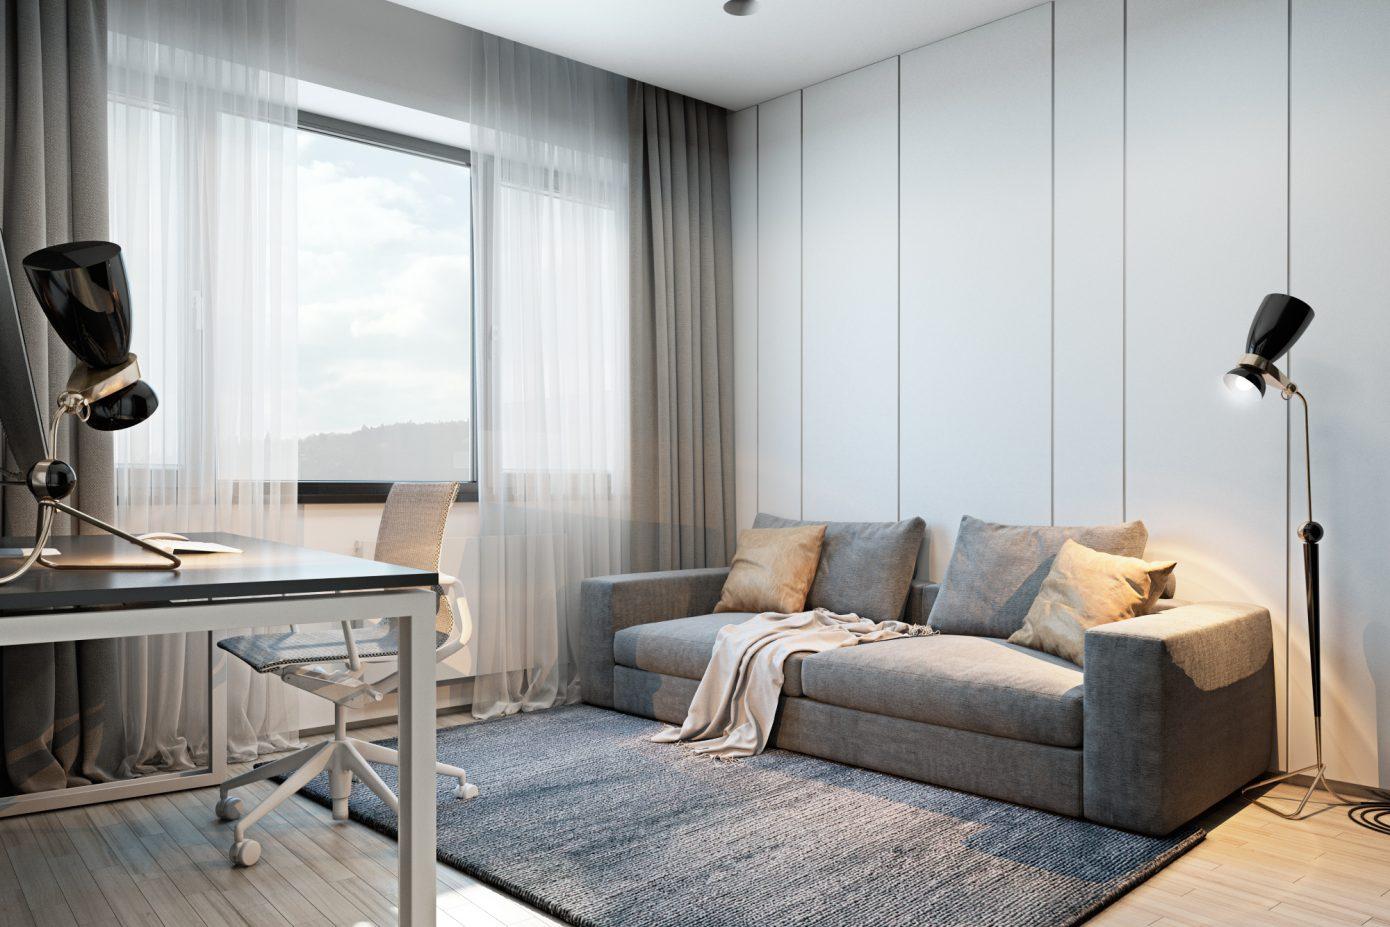 Apartment in Brno by Diff.Studio